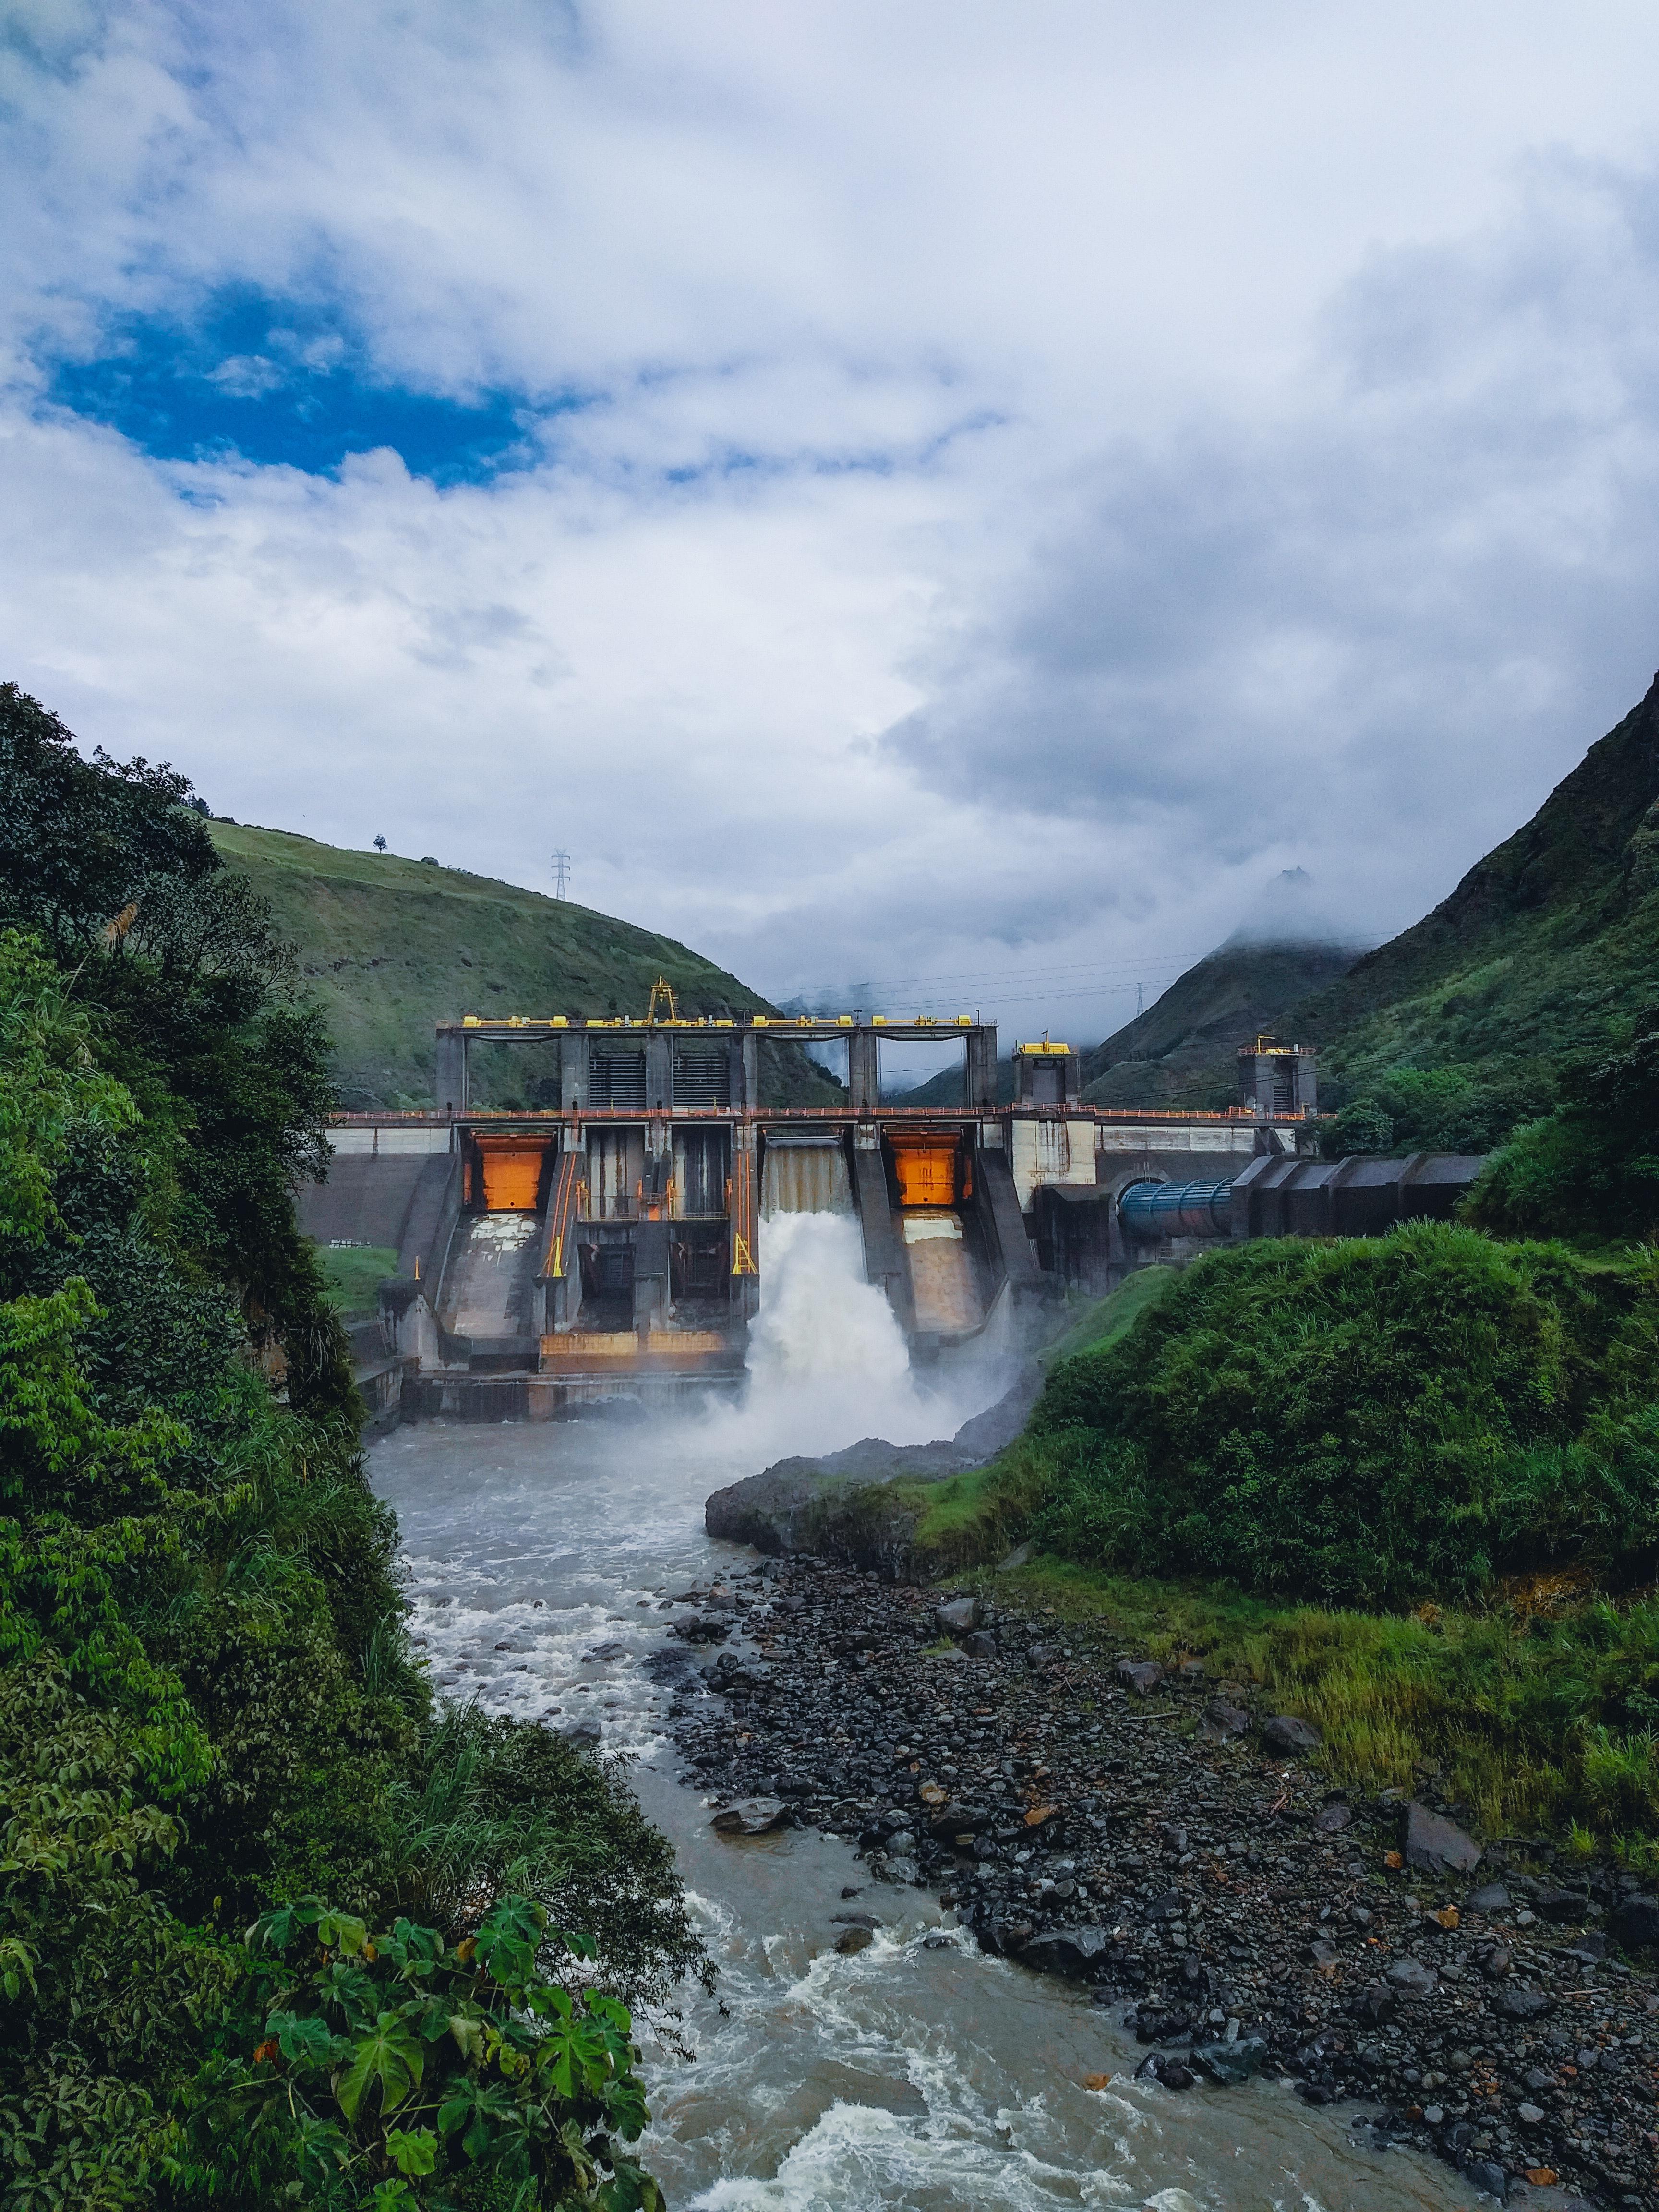 Autorizzazione per la costruzione ed esercizio di impianto idroelettrico nel Comune di Mezzanego - Proponente: Ecopower S.r.l. - ELIA s.r.l. Pratica ER 64